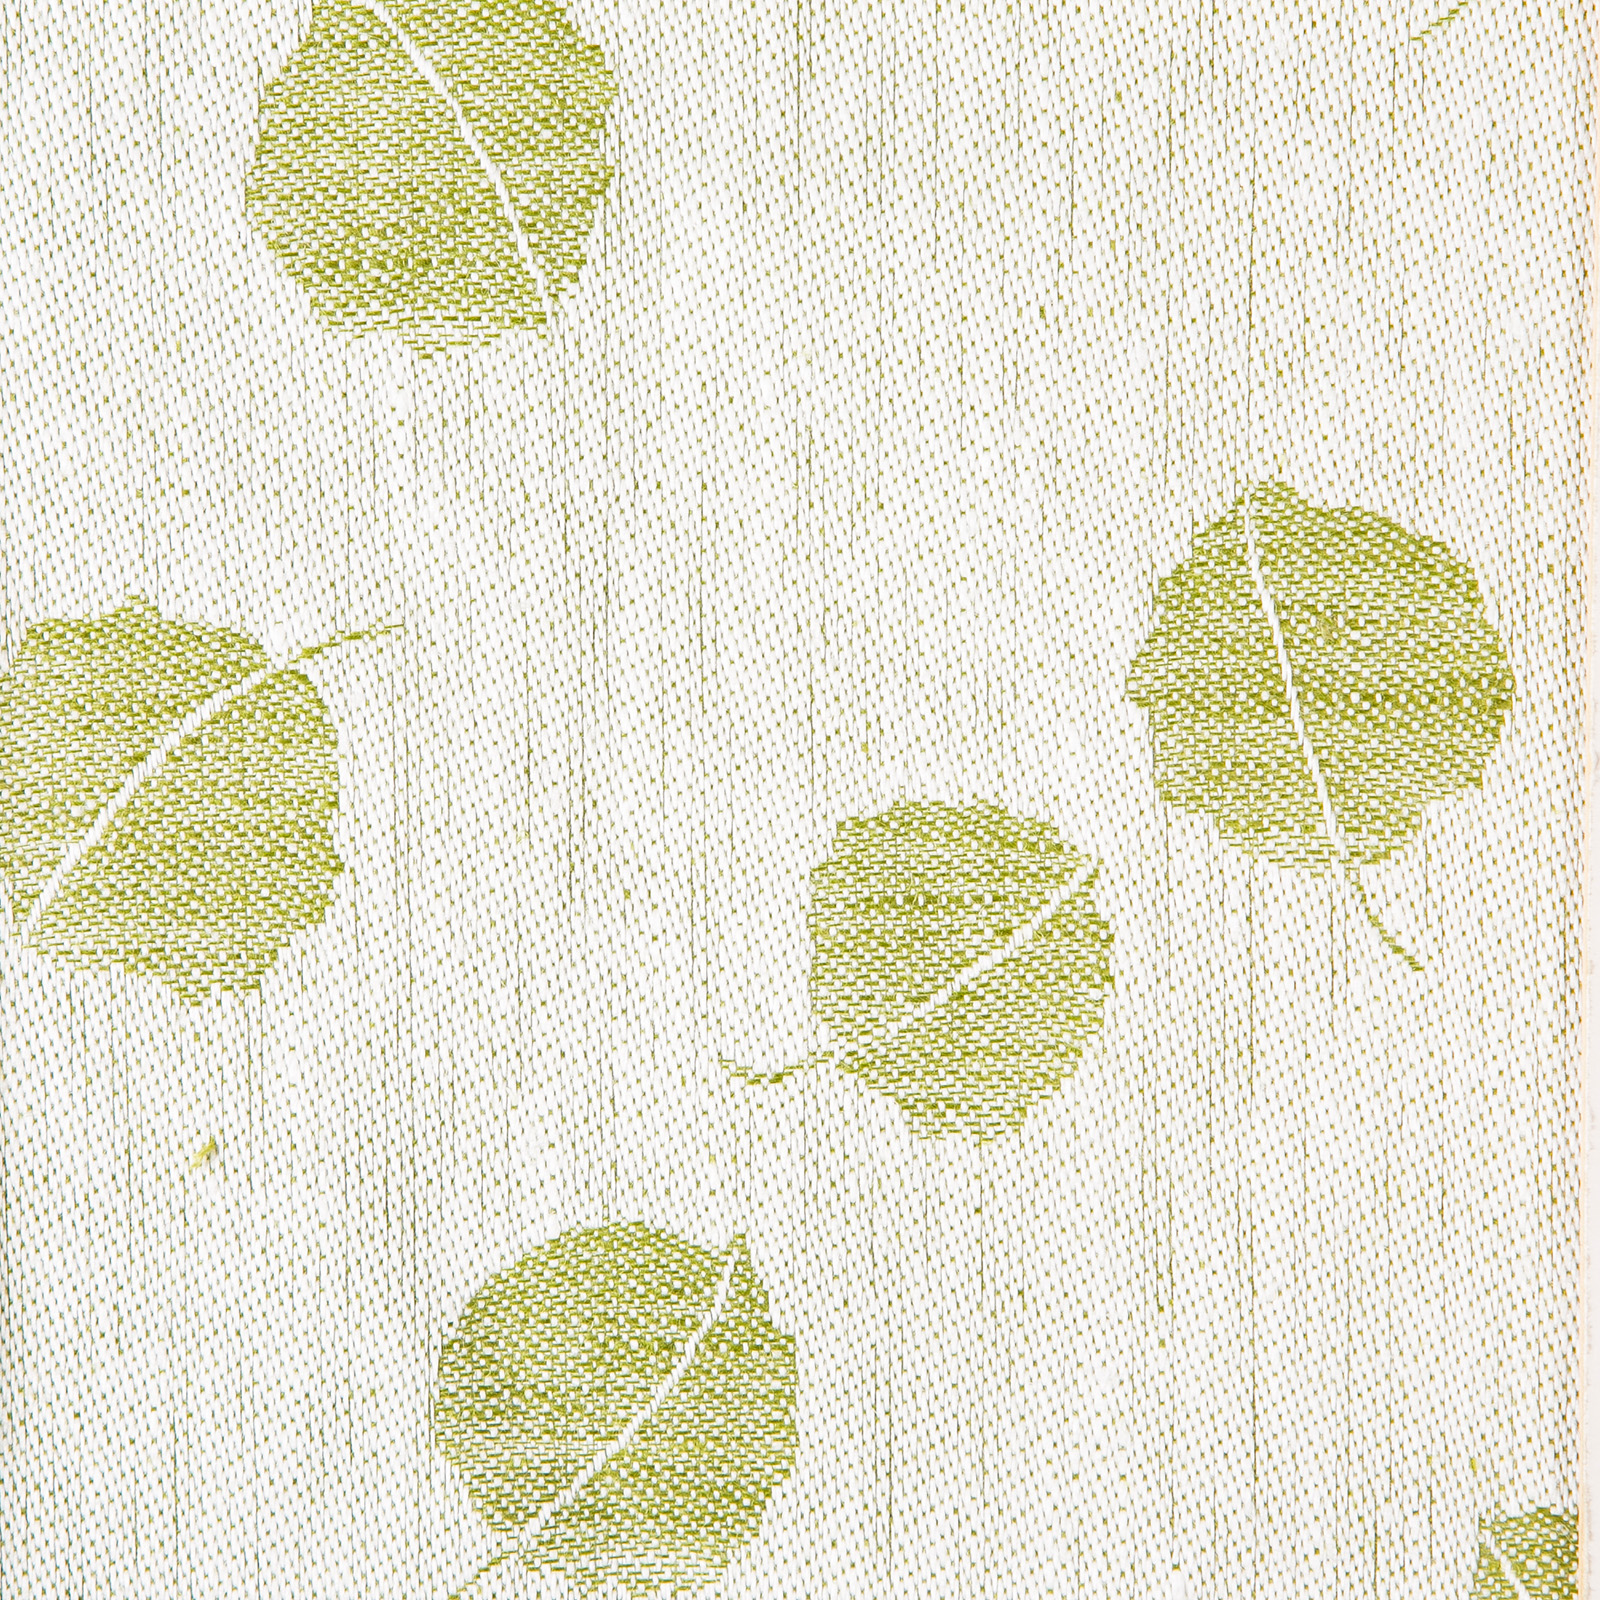 Asp linblomsgrön färgprov